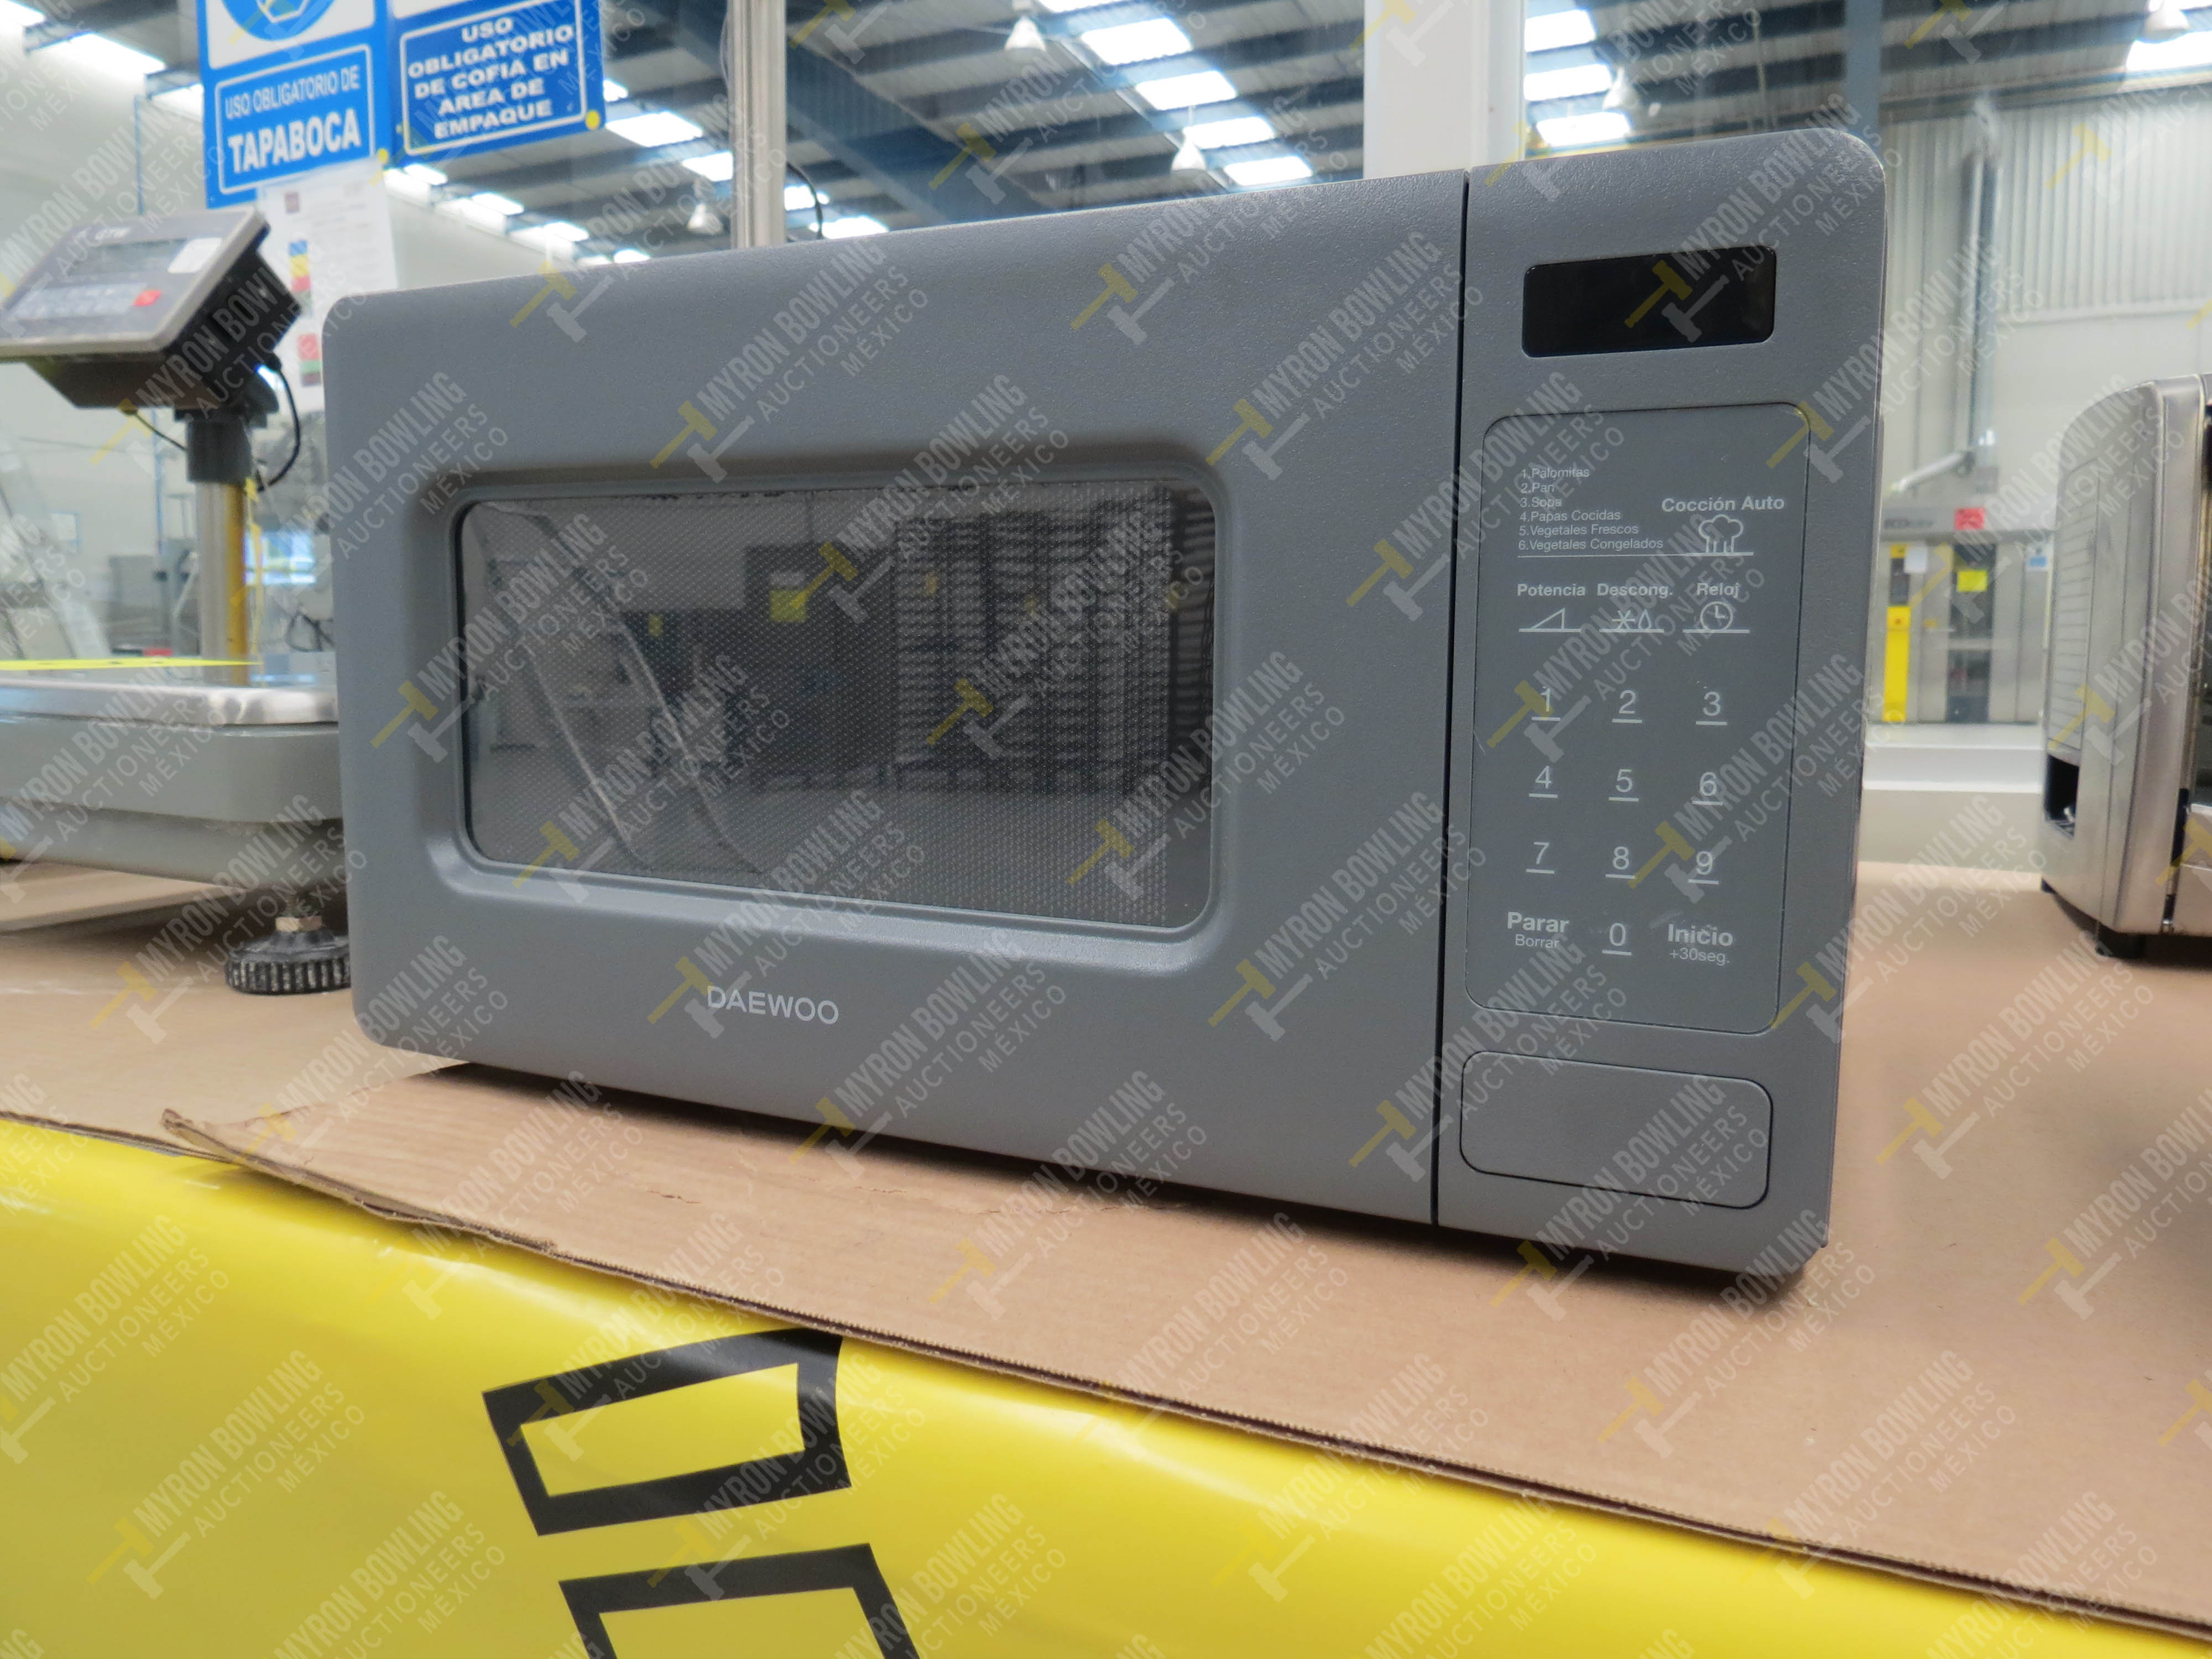 Horno de microondas marca Daewoo, Modelo K0R-667DG, No. de Serie 30650 - Image 2 of 4